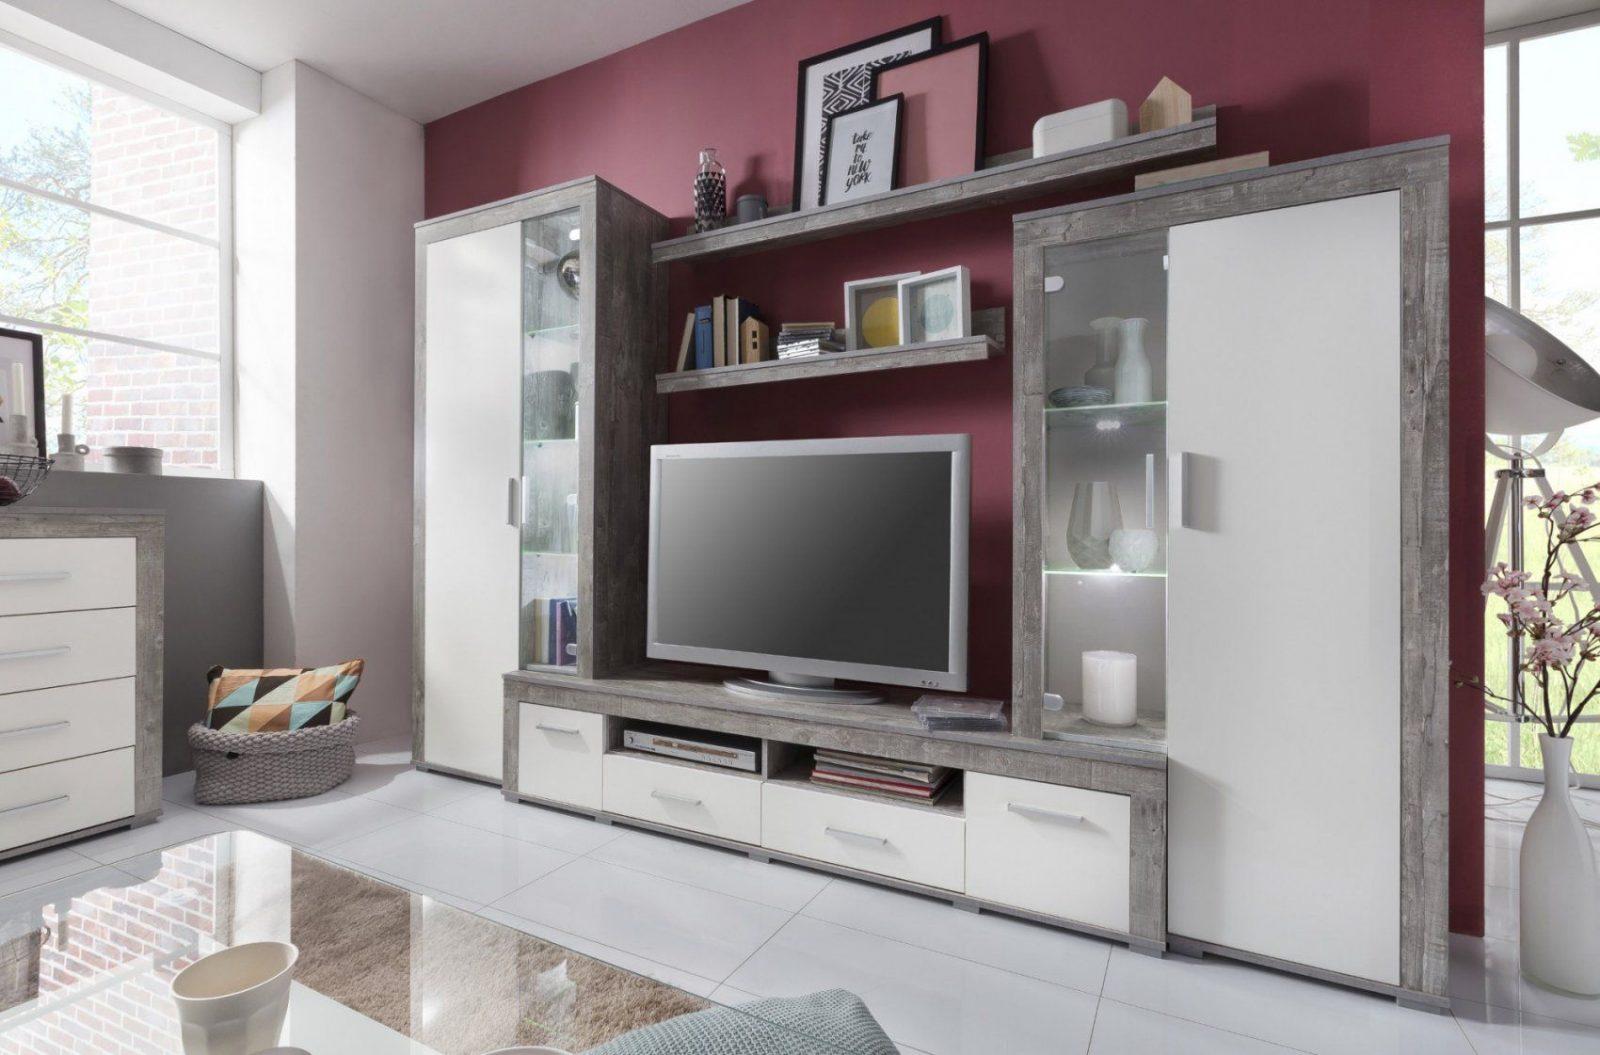 Wohnwand Cm Breit Pic  Schlafzimmer Wandfarbe Konzeption von Wohnwand 220 Cm Breit Bild